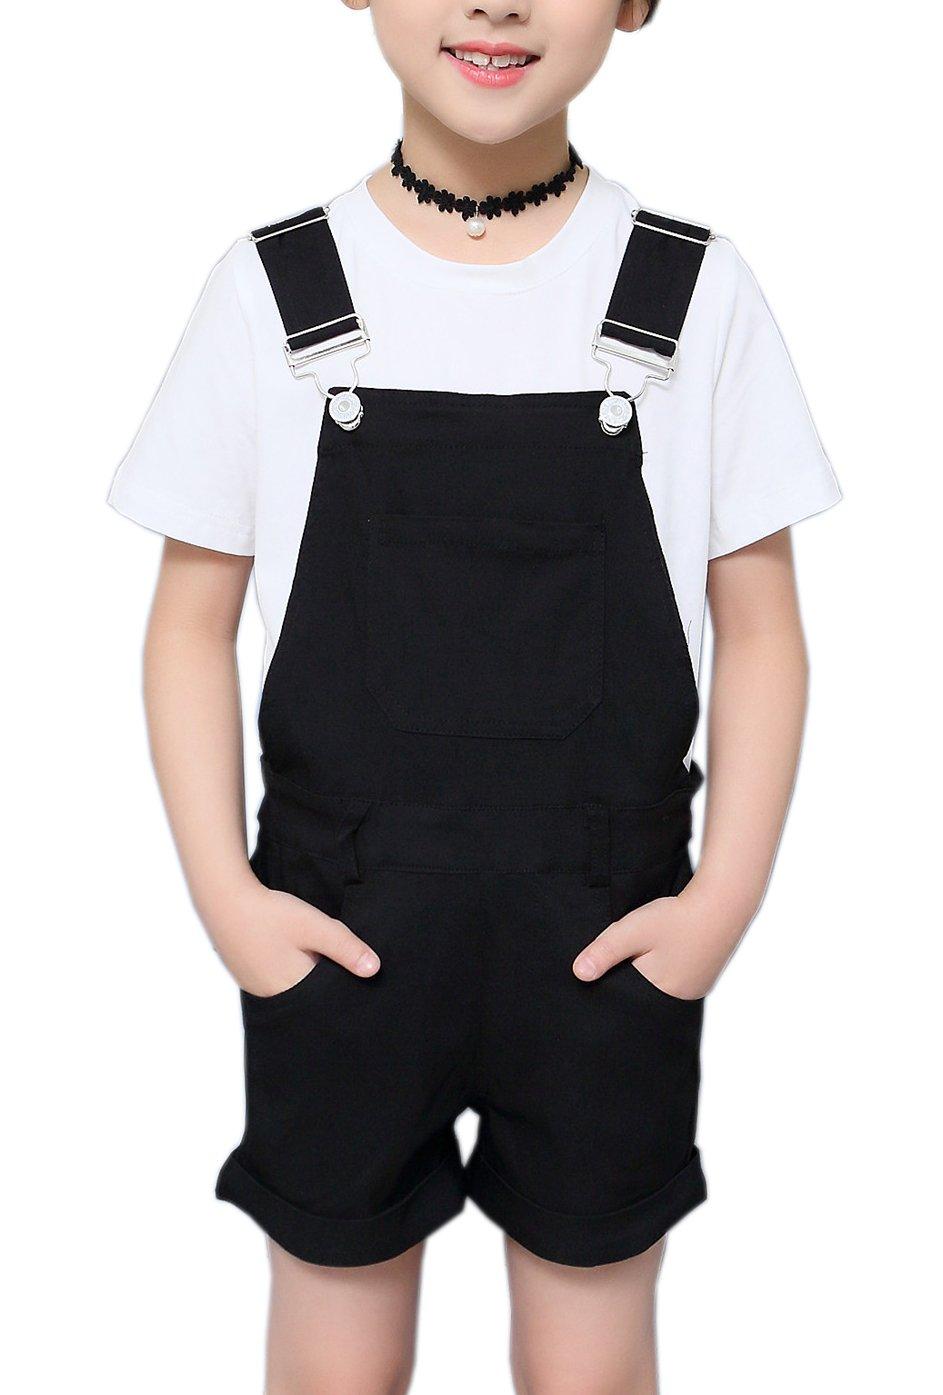 Sitmptol Big Girls Kids Cotton Overalls Jumpsuits Casual Shortalls Bib Romper Black 160